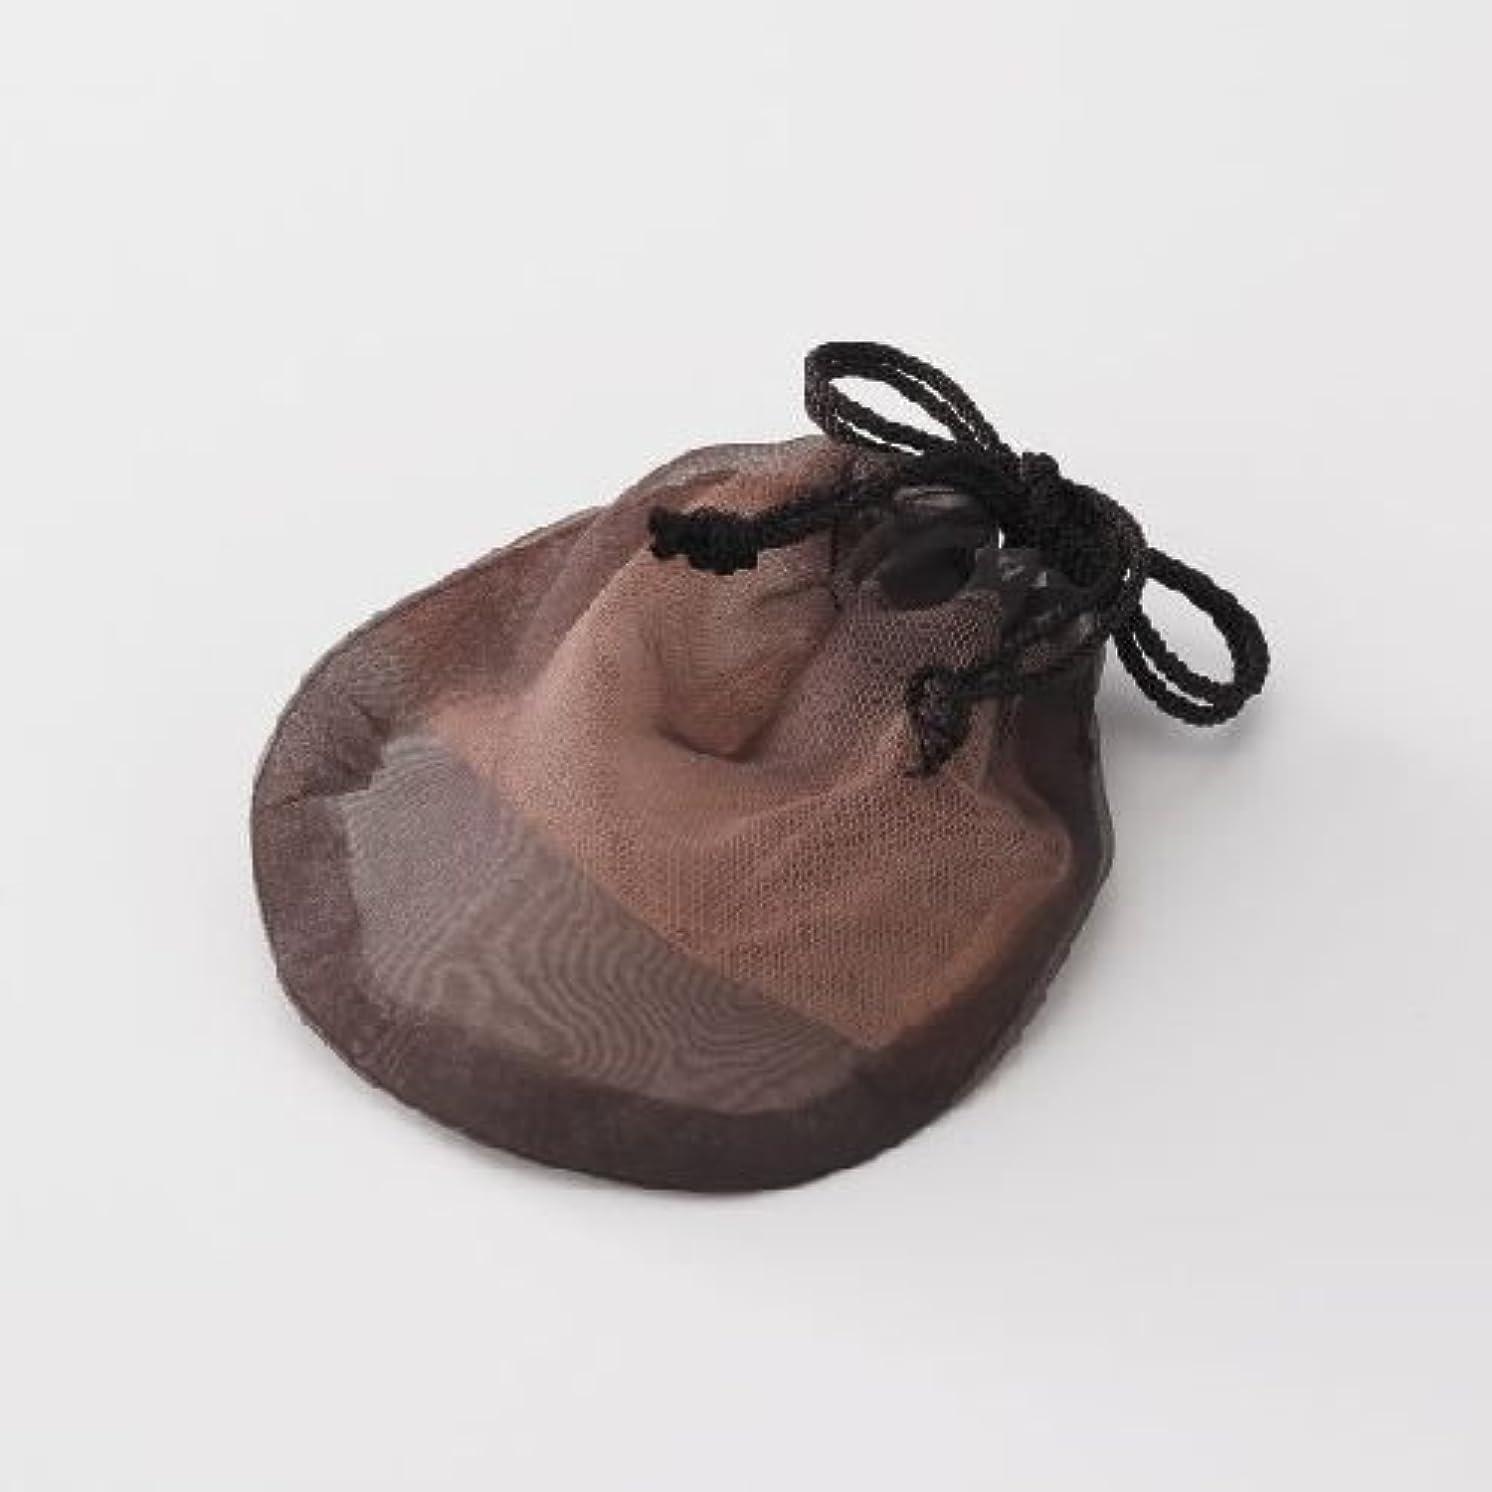 現象見つける衝突ピギーバックス ソープネット 瞬時にマシュマロのようなお肌に負担をかけないキメ細かな泡をつくることができるオシャレなポーチ型オリジナル【泡だてネット】!衛生的に固形石鹸の保存もできます。